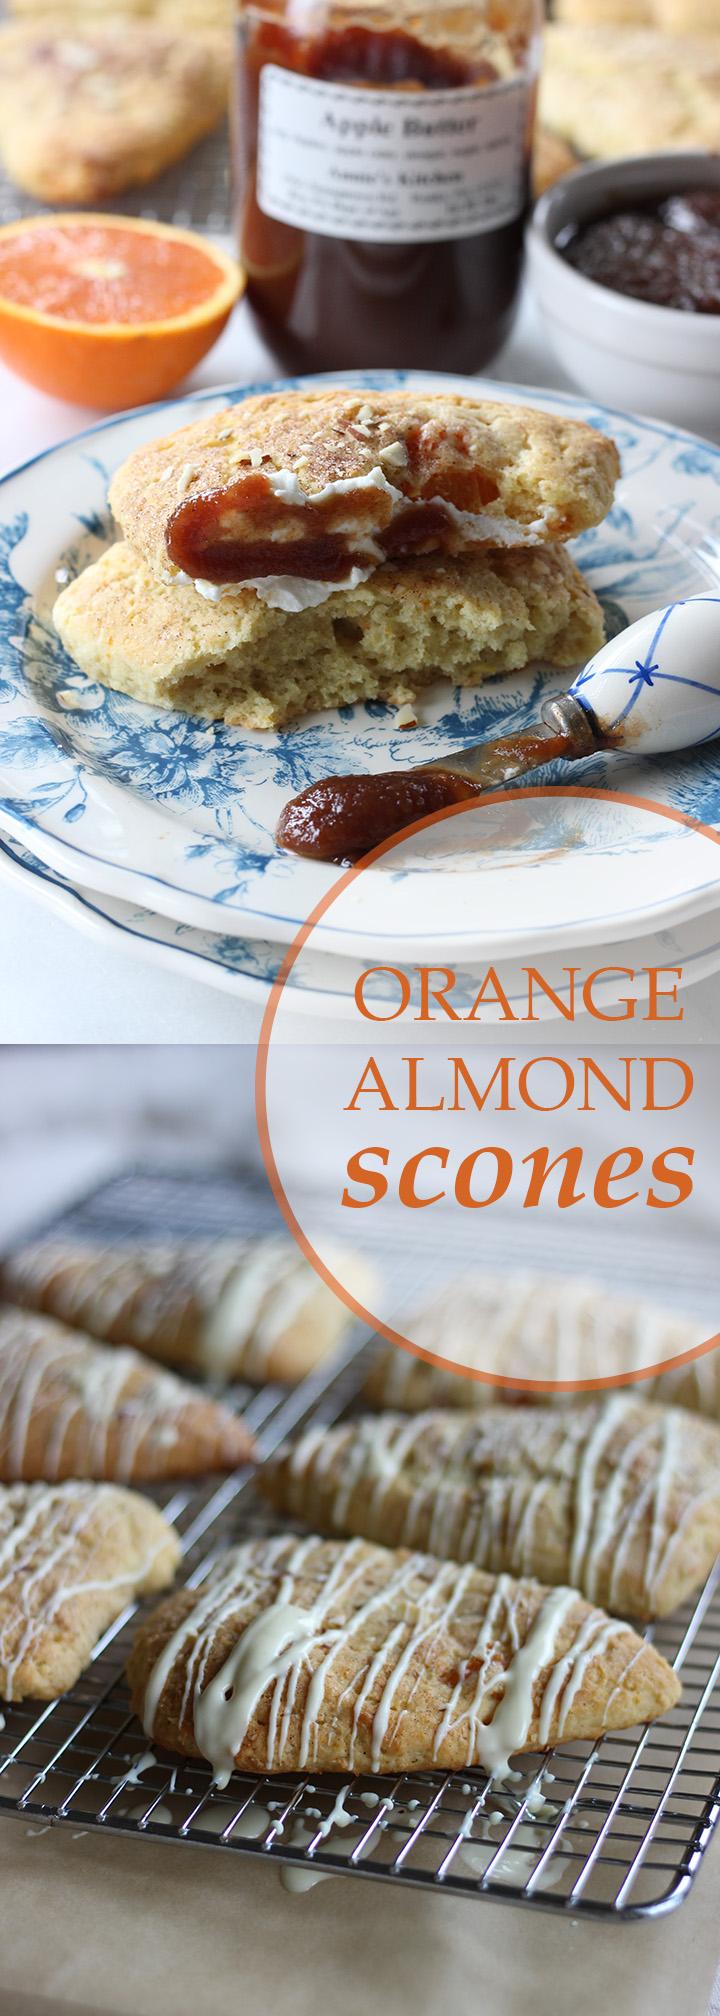 Orange Almond Scones   www.thetableofcontents.co